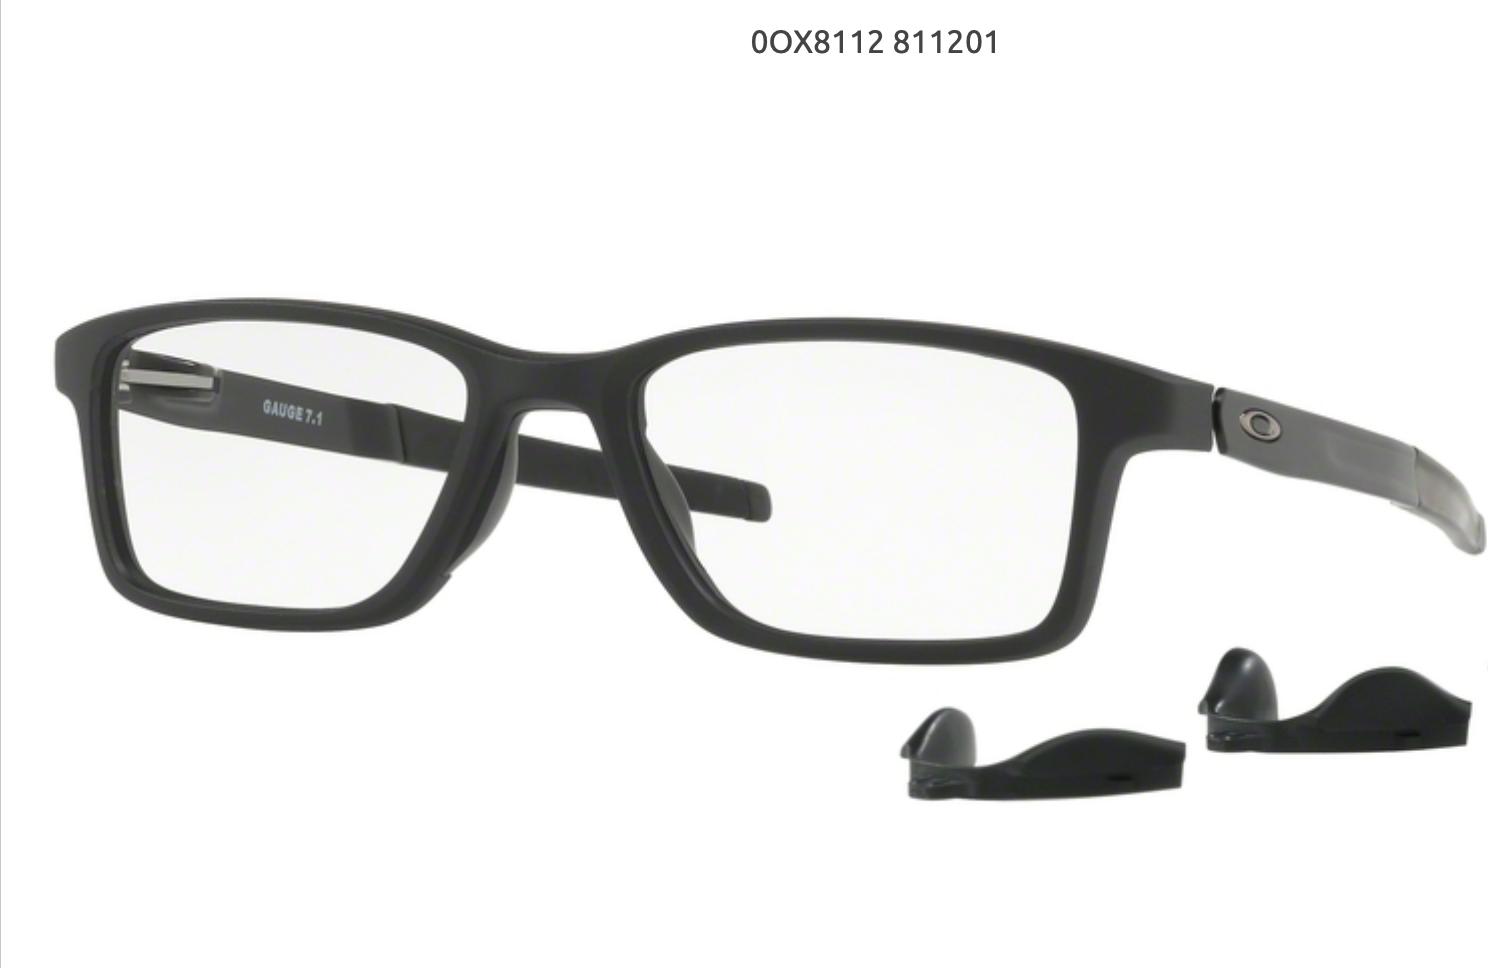 Peter Paul Glasses